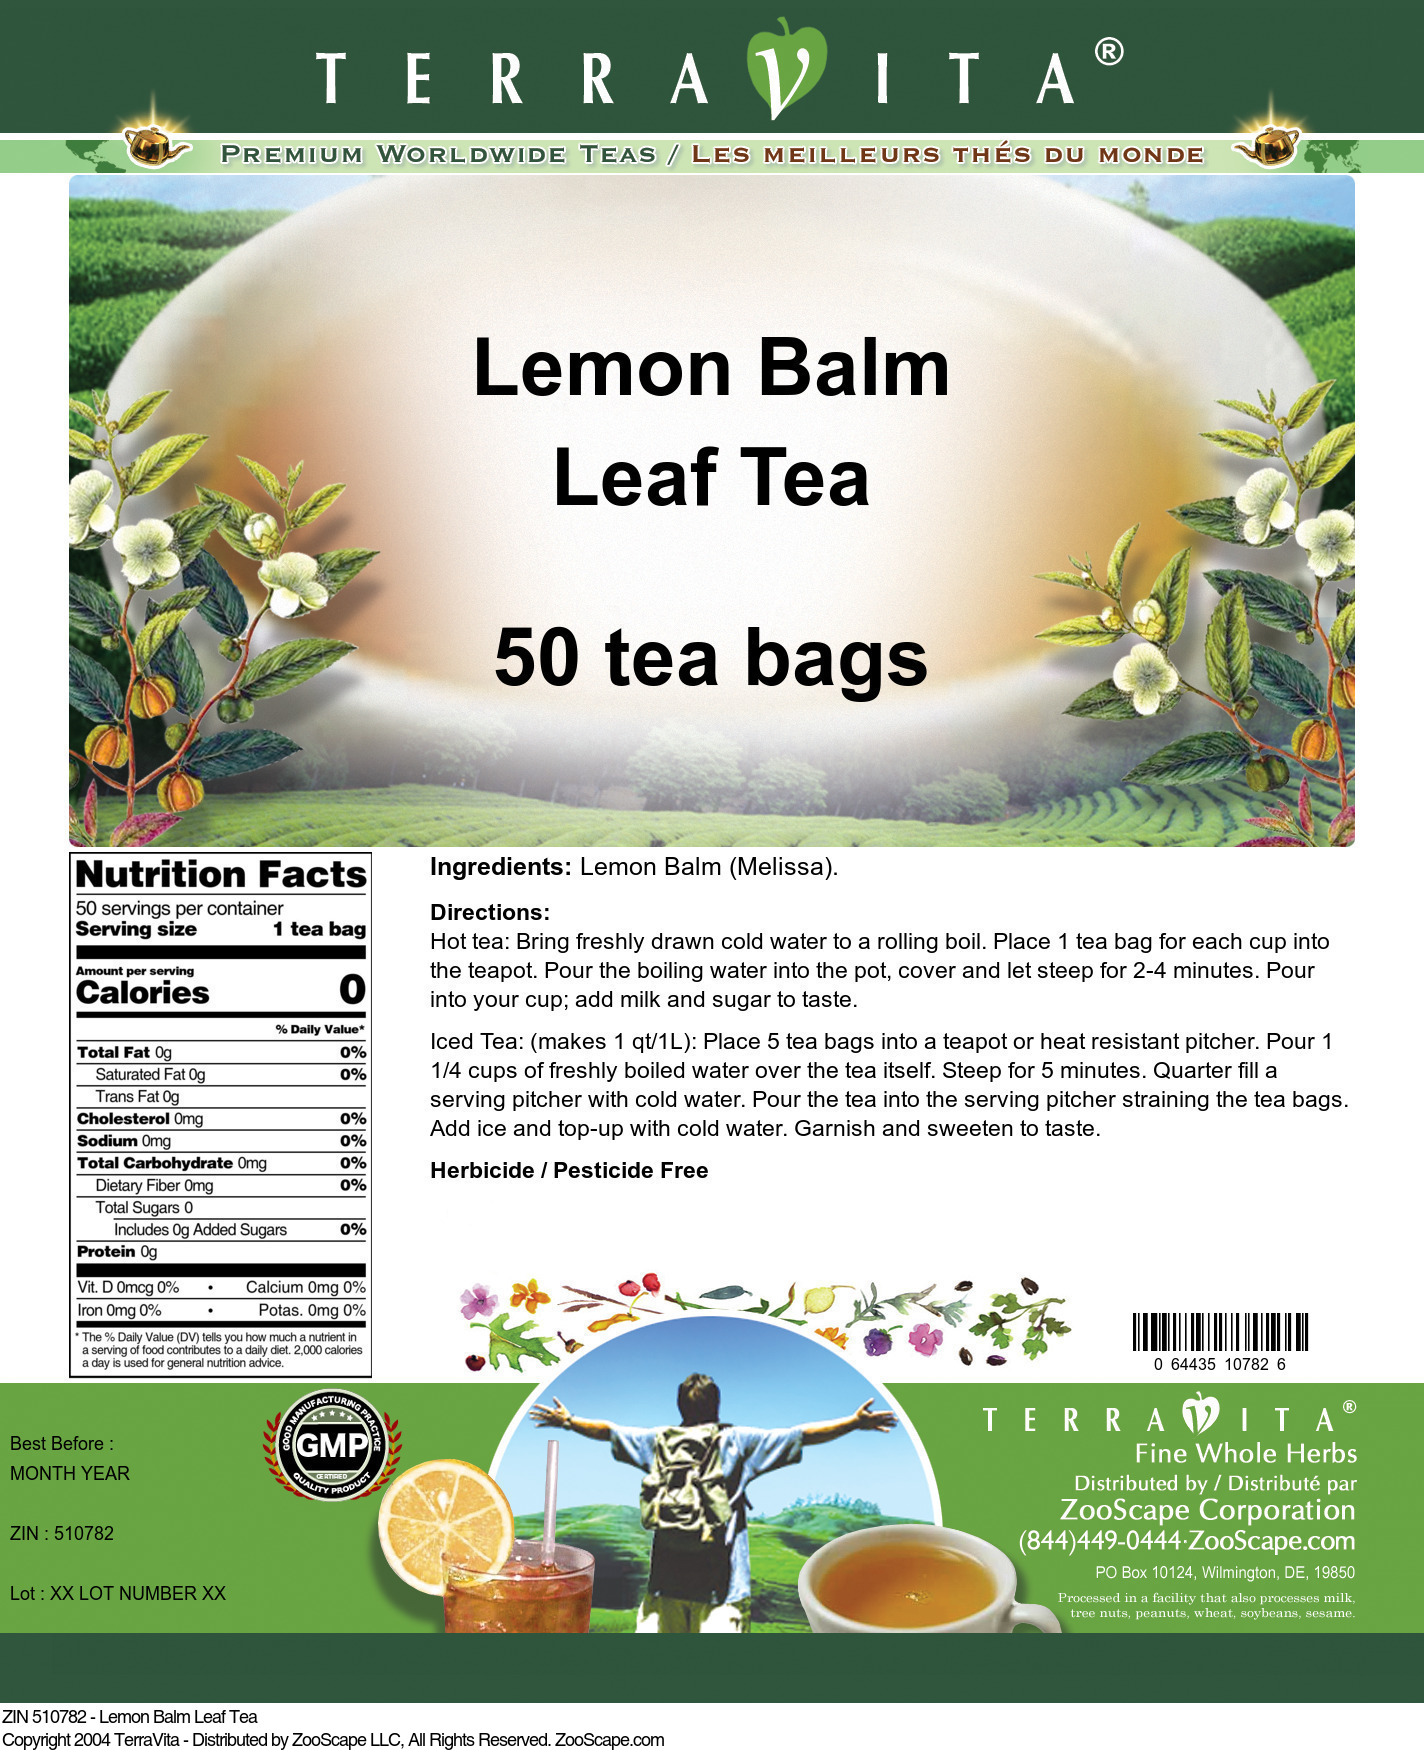 Lemon Balm Leaf